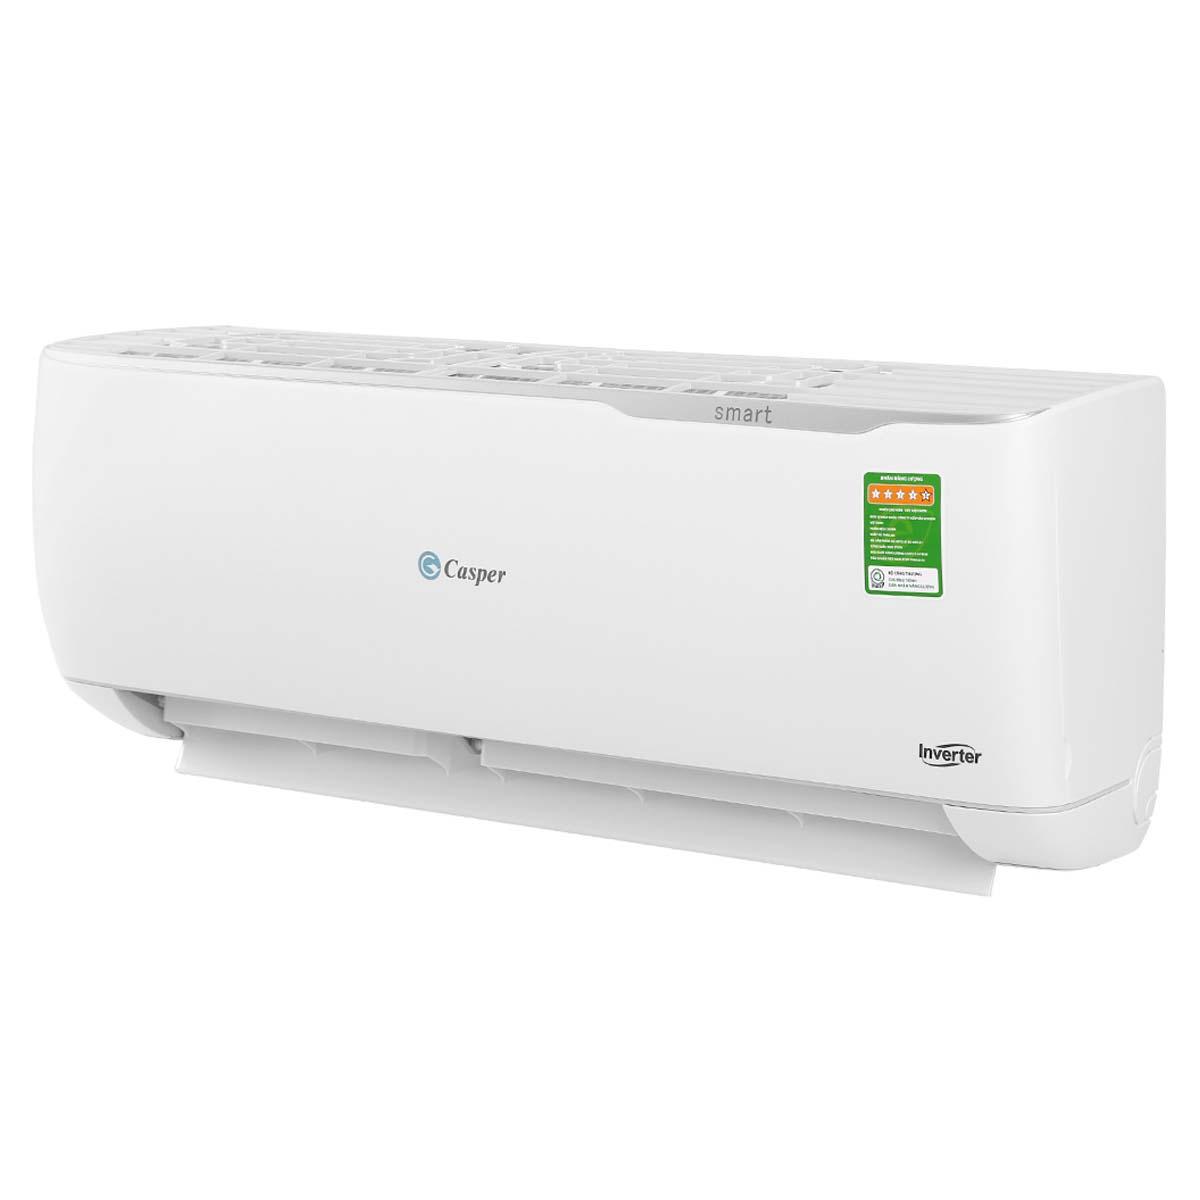 Nơi mua máy lạnh casper uy tín, chất lượng cao